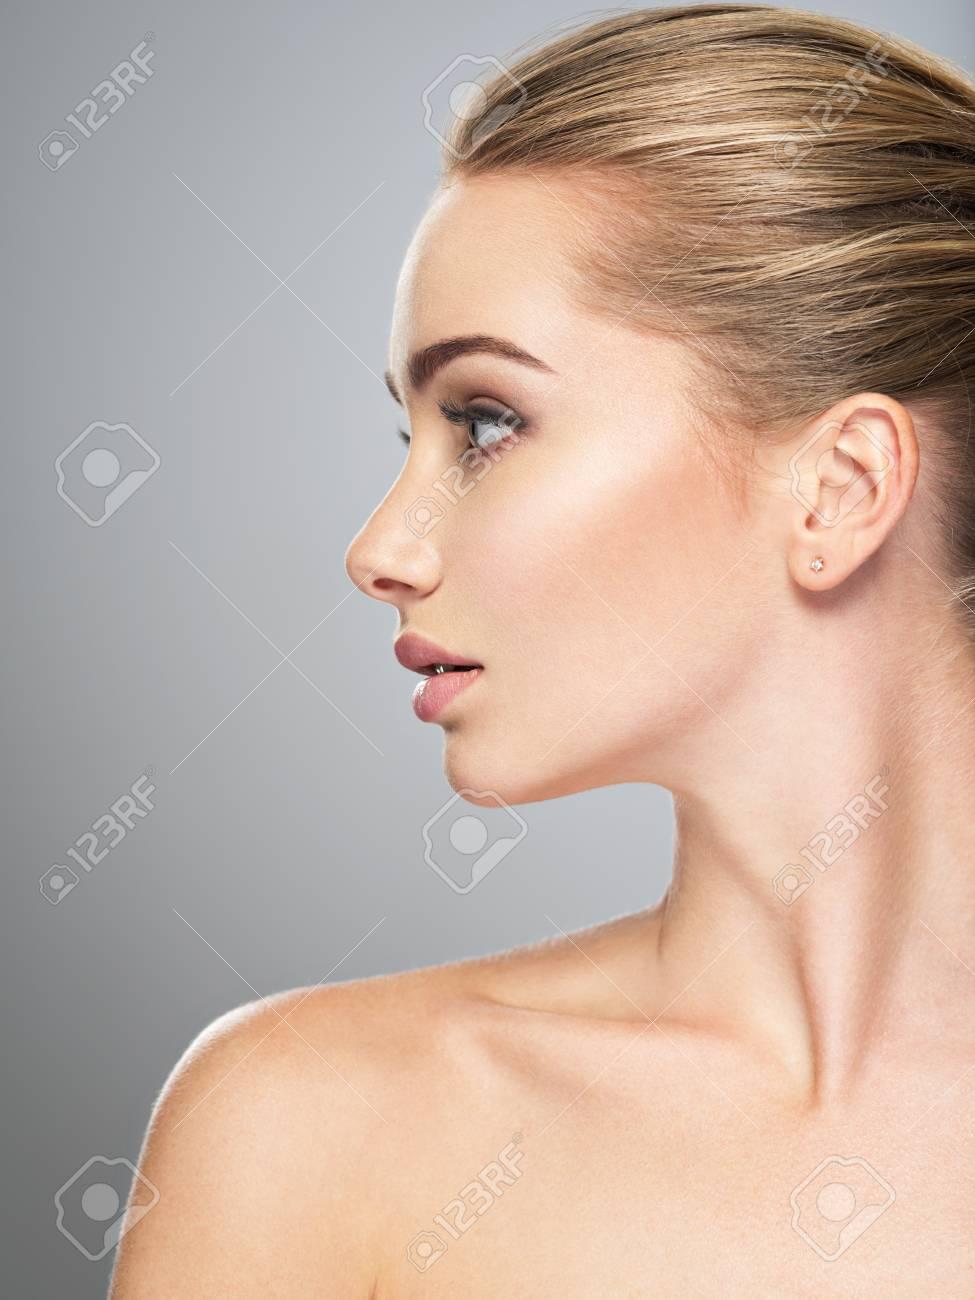 Woman profile picture